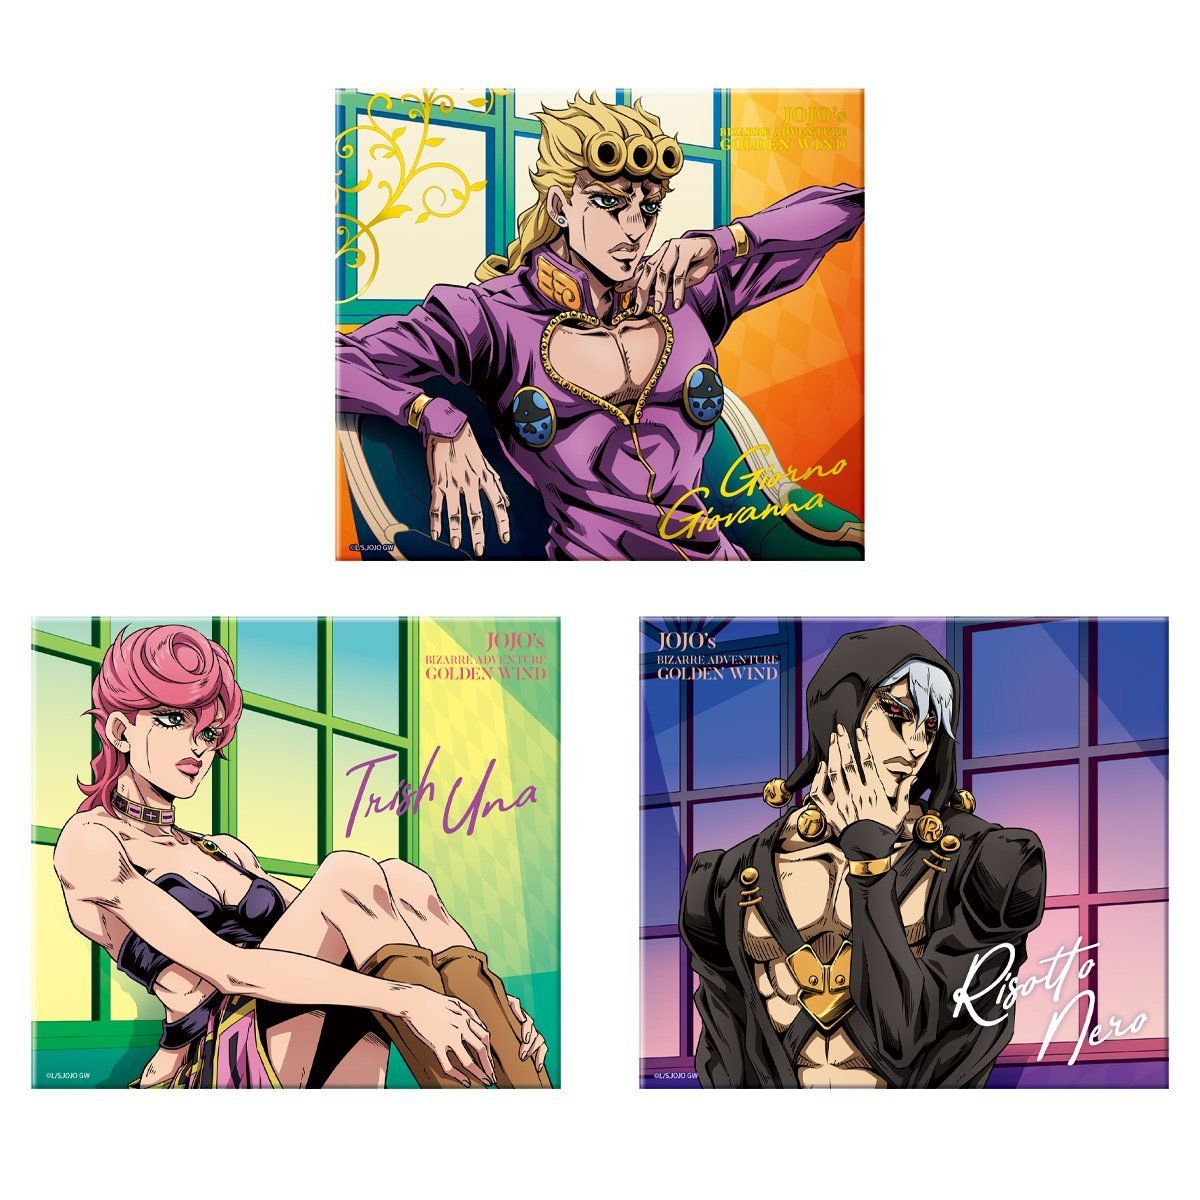 【食玩】ジョジョ『ジョジョの奇妙な冒険 黄金の風 canvas style -キャンバススタイル-』10個入りBOX-001